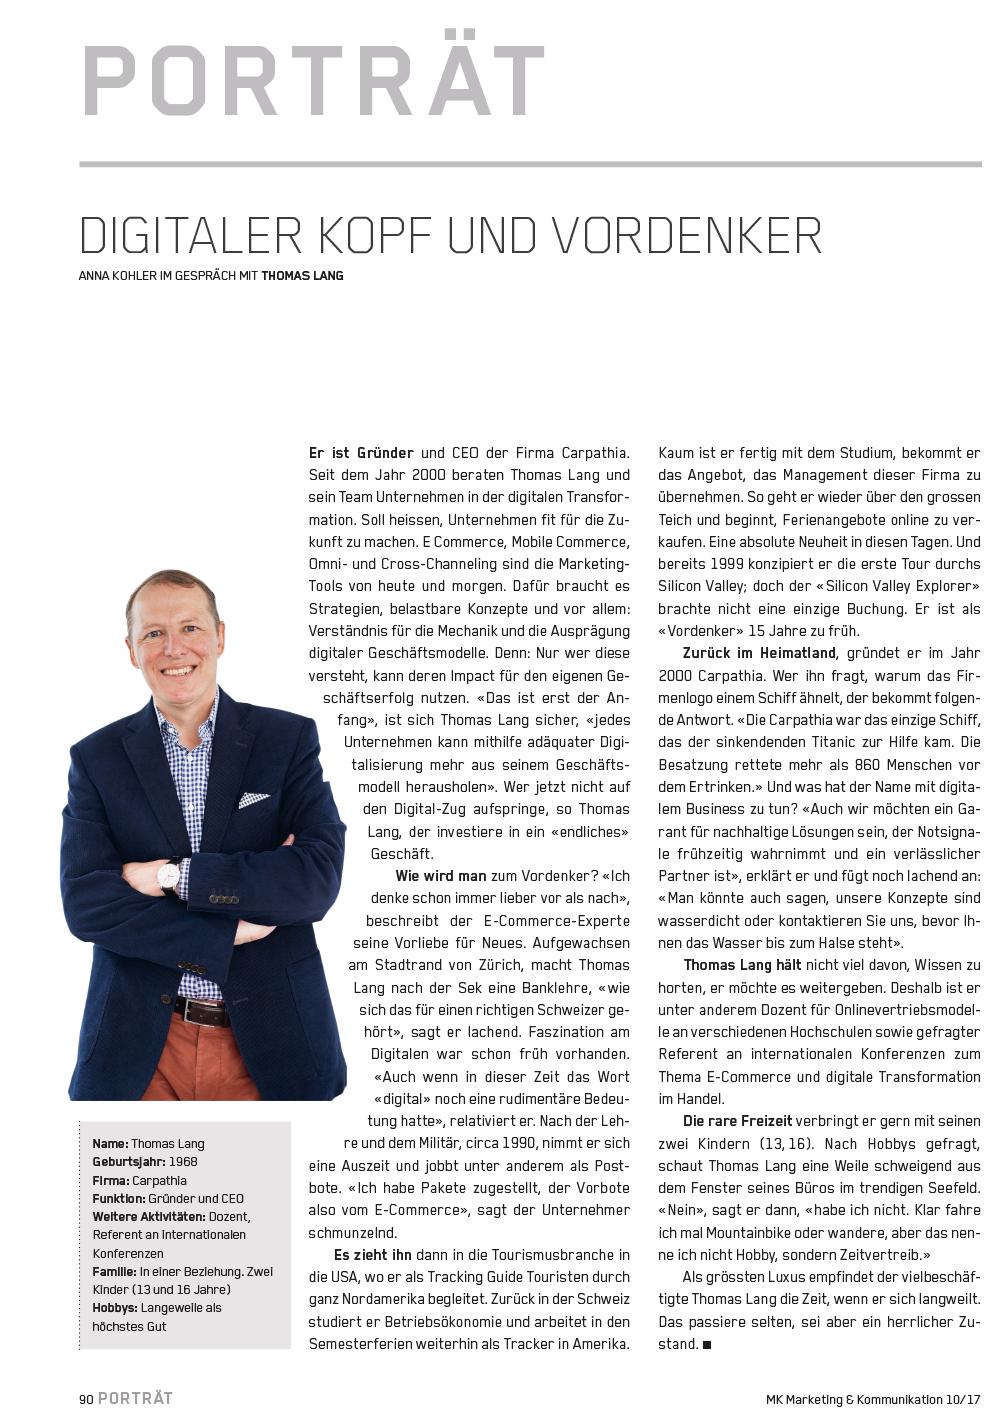 Porträt über den digitalen Kopf und Vordenker Thomas Lang in der Fachzeitschrift Marketing+Kommunikation - Foto: Boris Baldinger